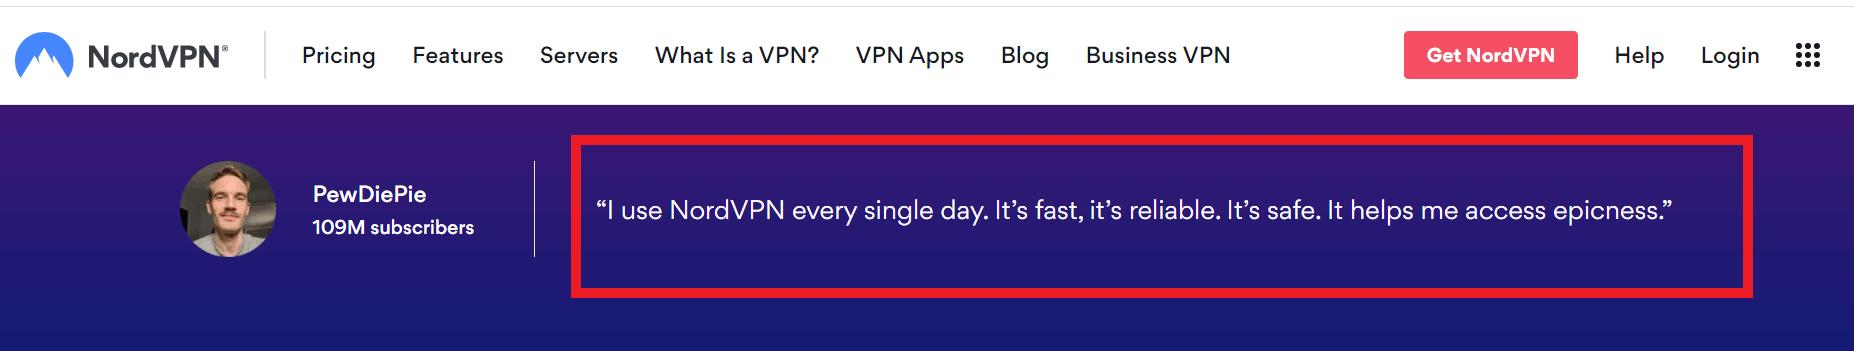 nordvpn coupon codes- customer reviews